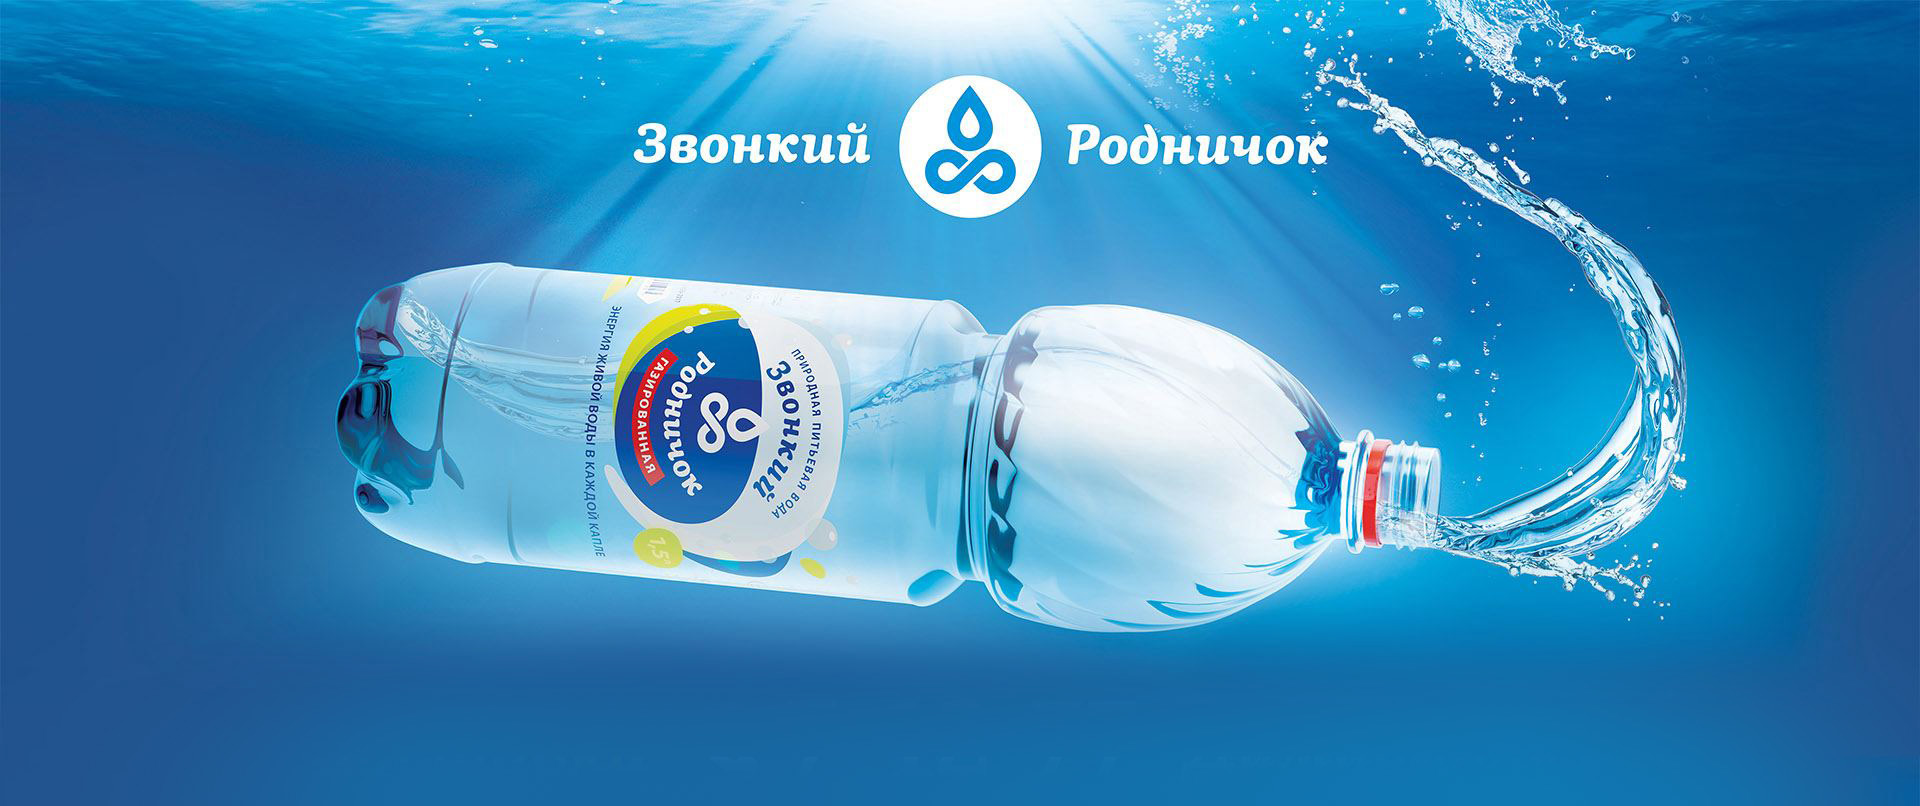 дизайн упаковки и этикетки для воды